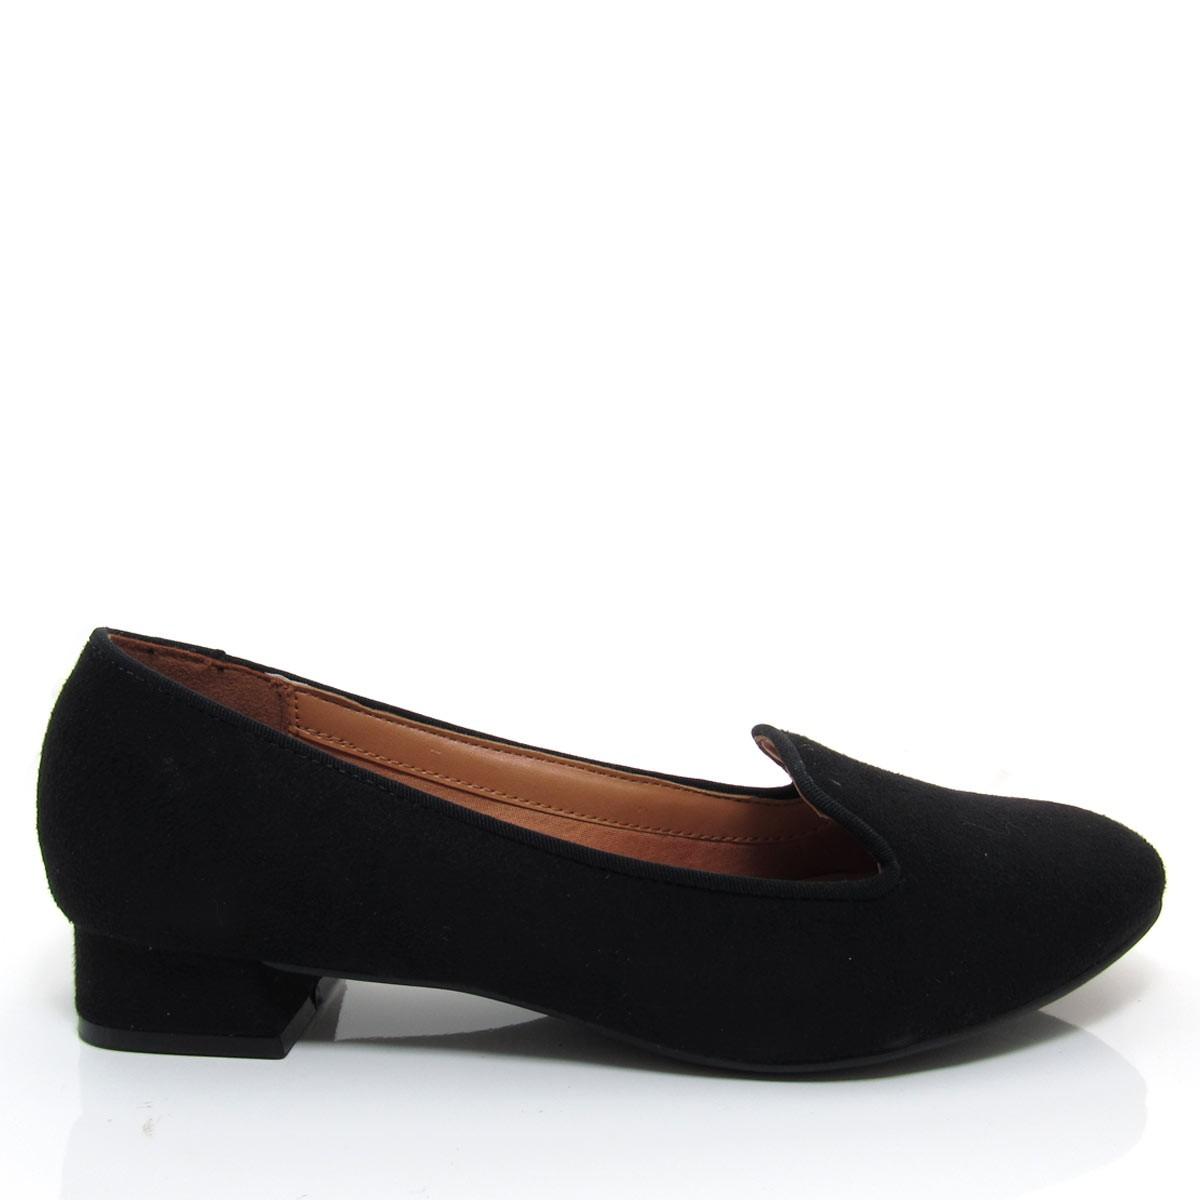 ee02cca8b6 Sapato Feminino Scarpin Slipper Vizzano Salto quadrado Camurça Coleção 2018